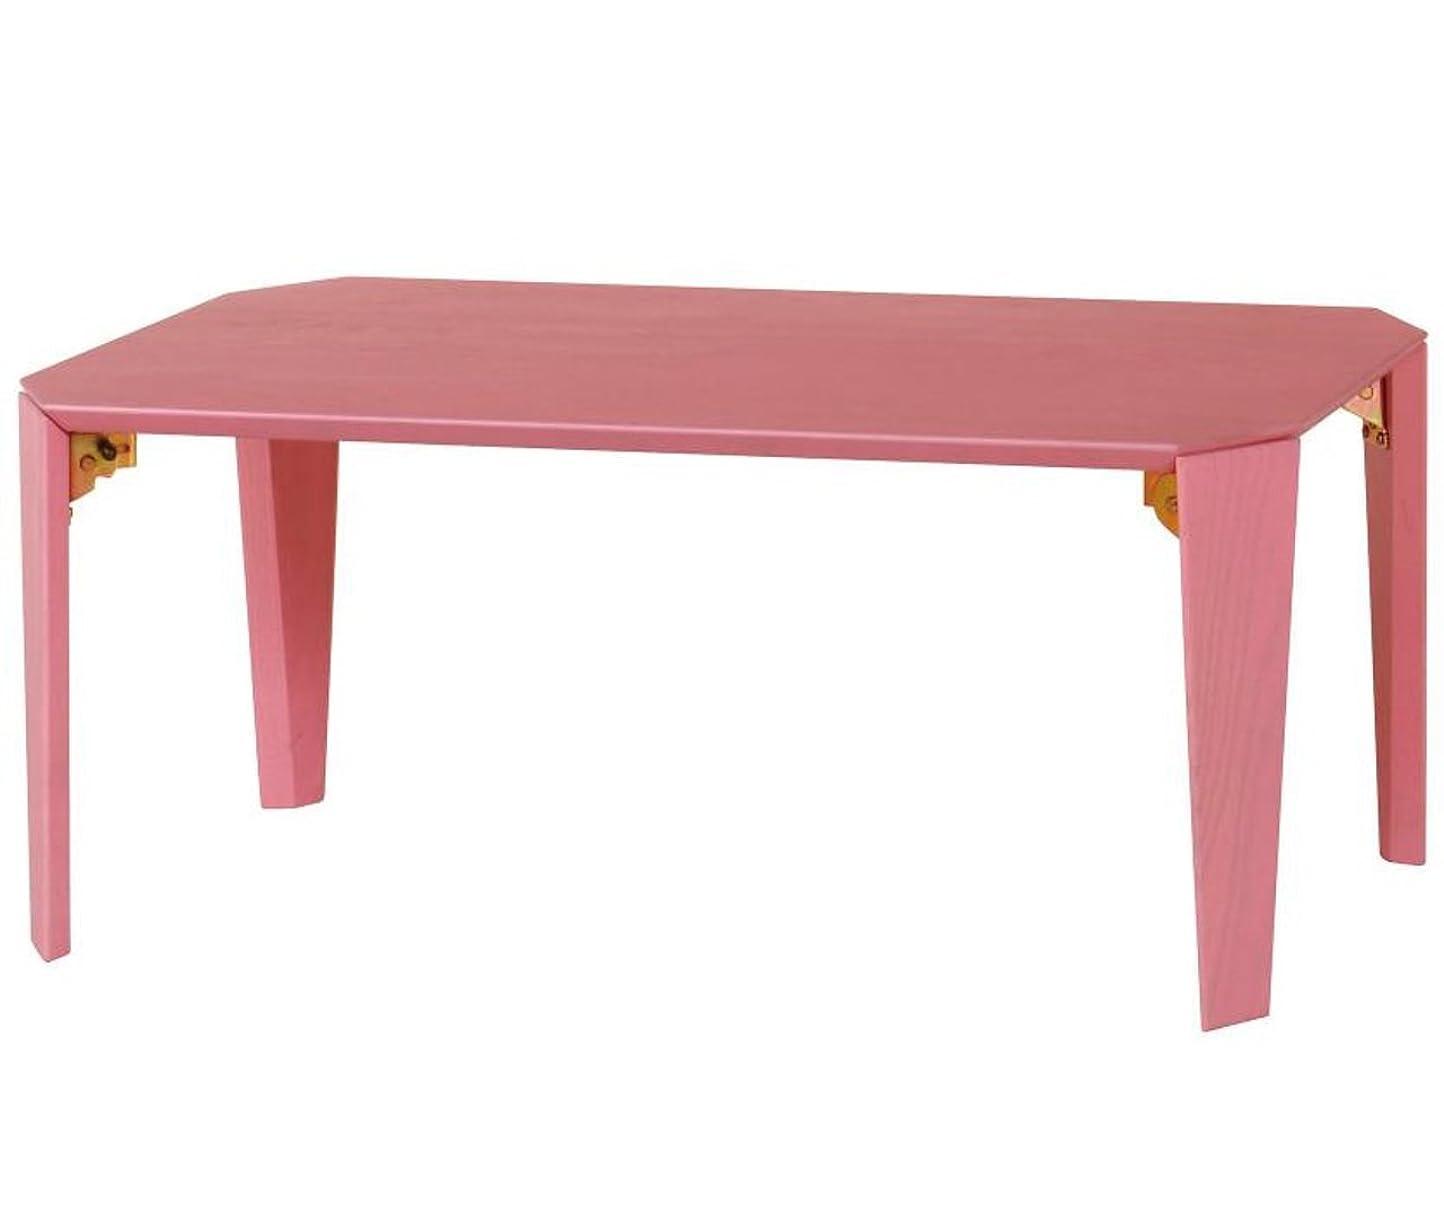 納屋リマークそこからローテーブル 折りたたみ 天然木 北欧風 コンパクト カジュアル 全6色 ピンク